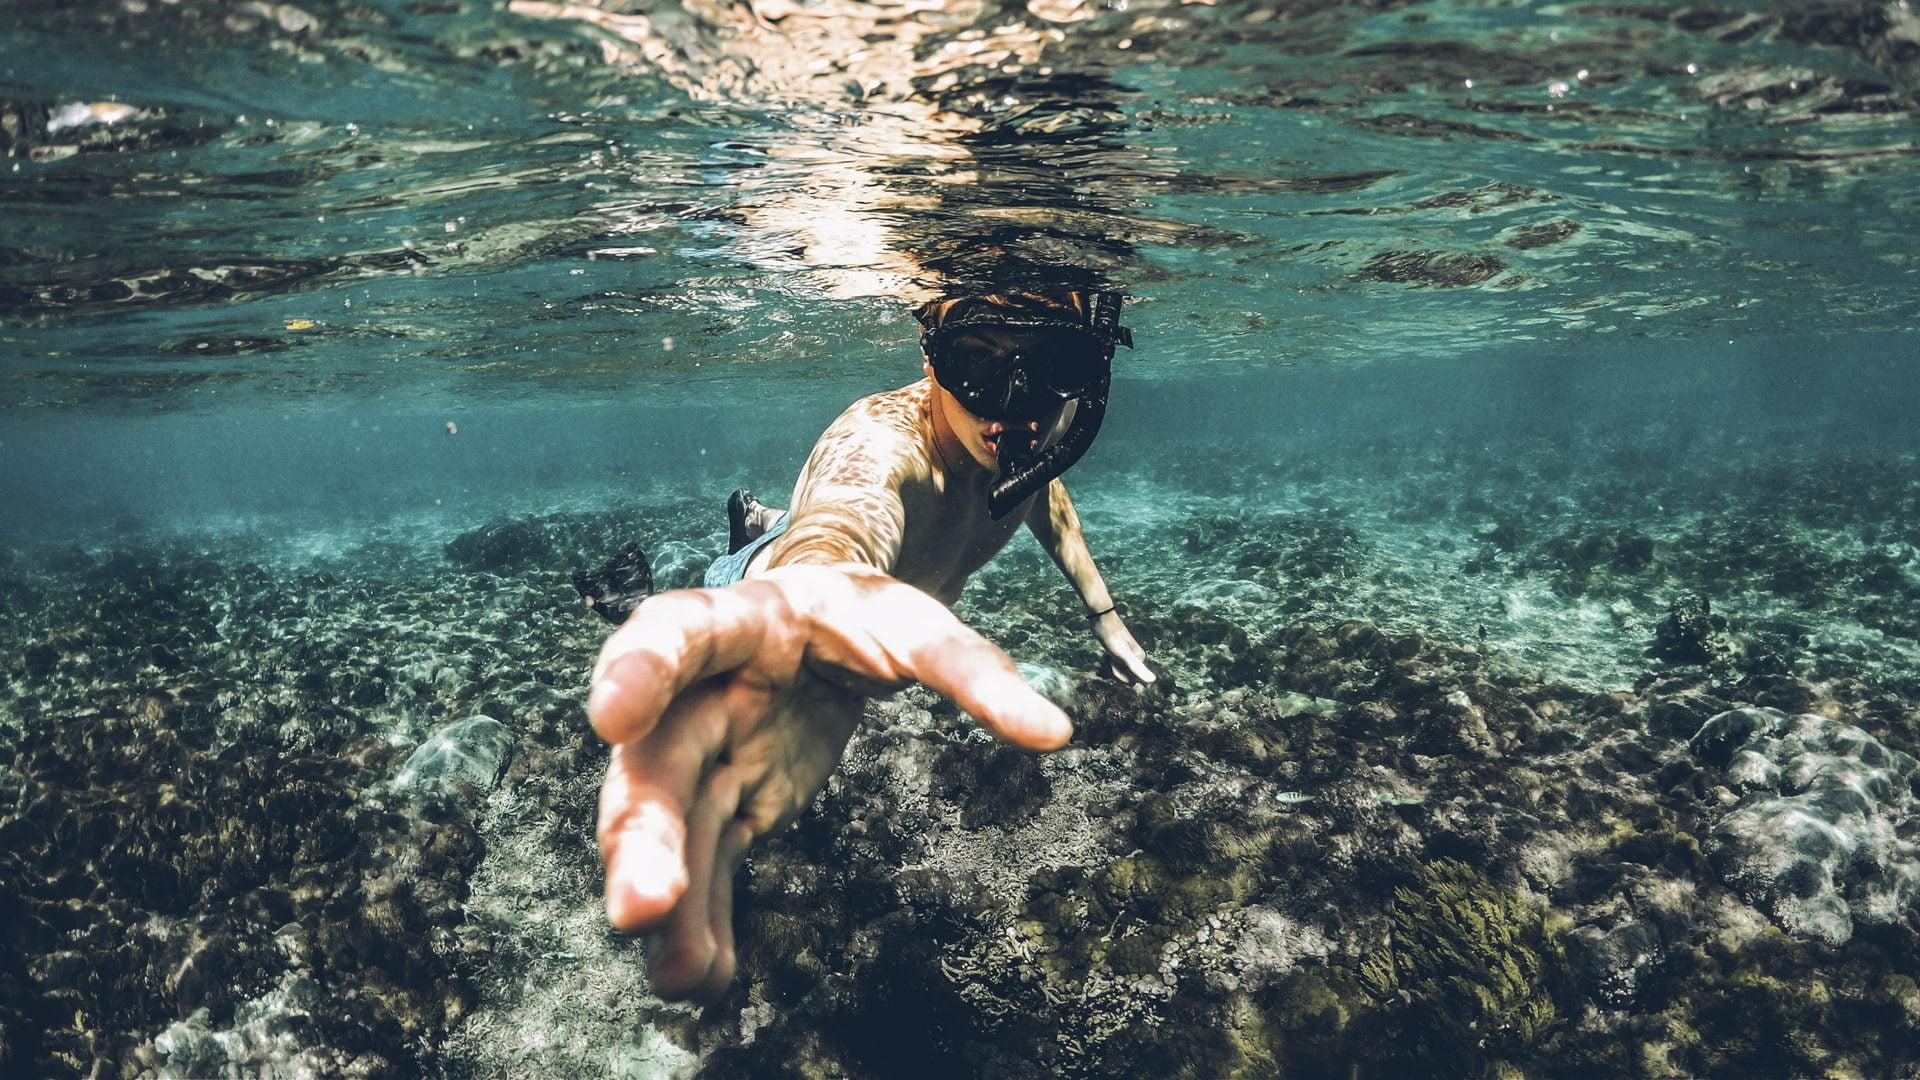 Dykker rækker hånd ud, stock, unsplash